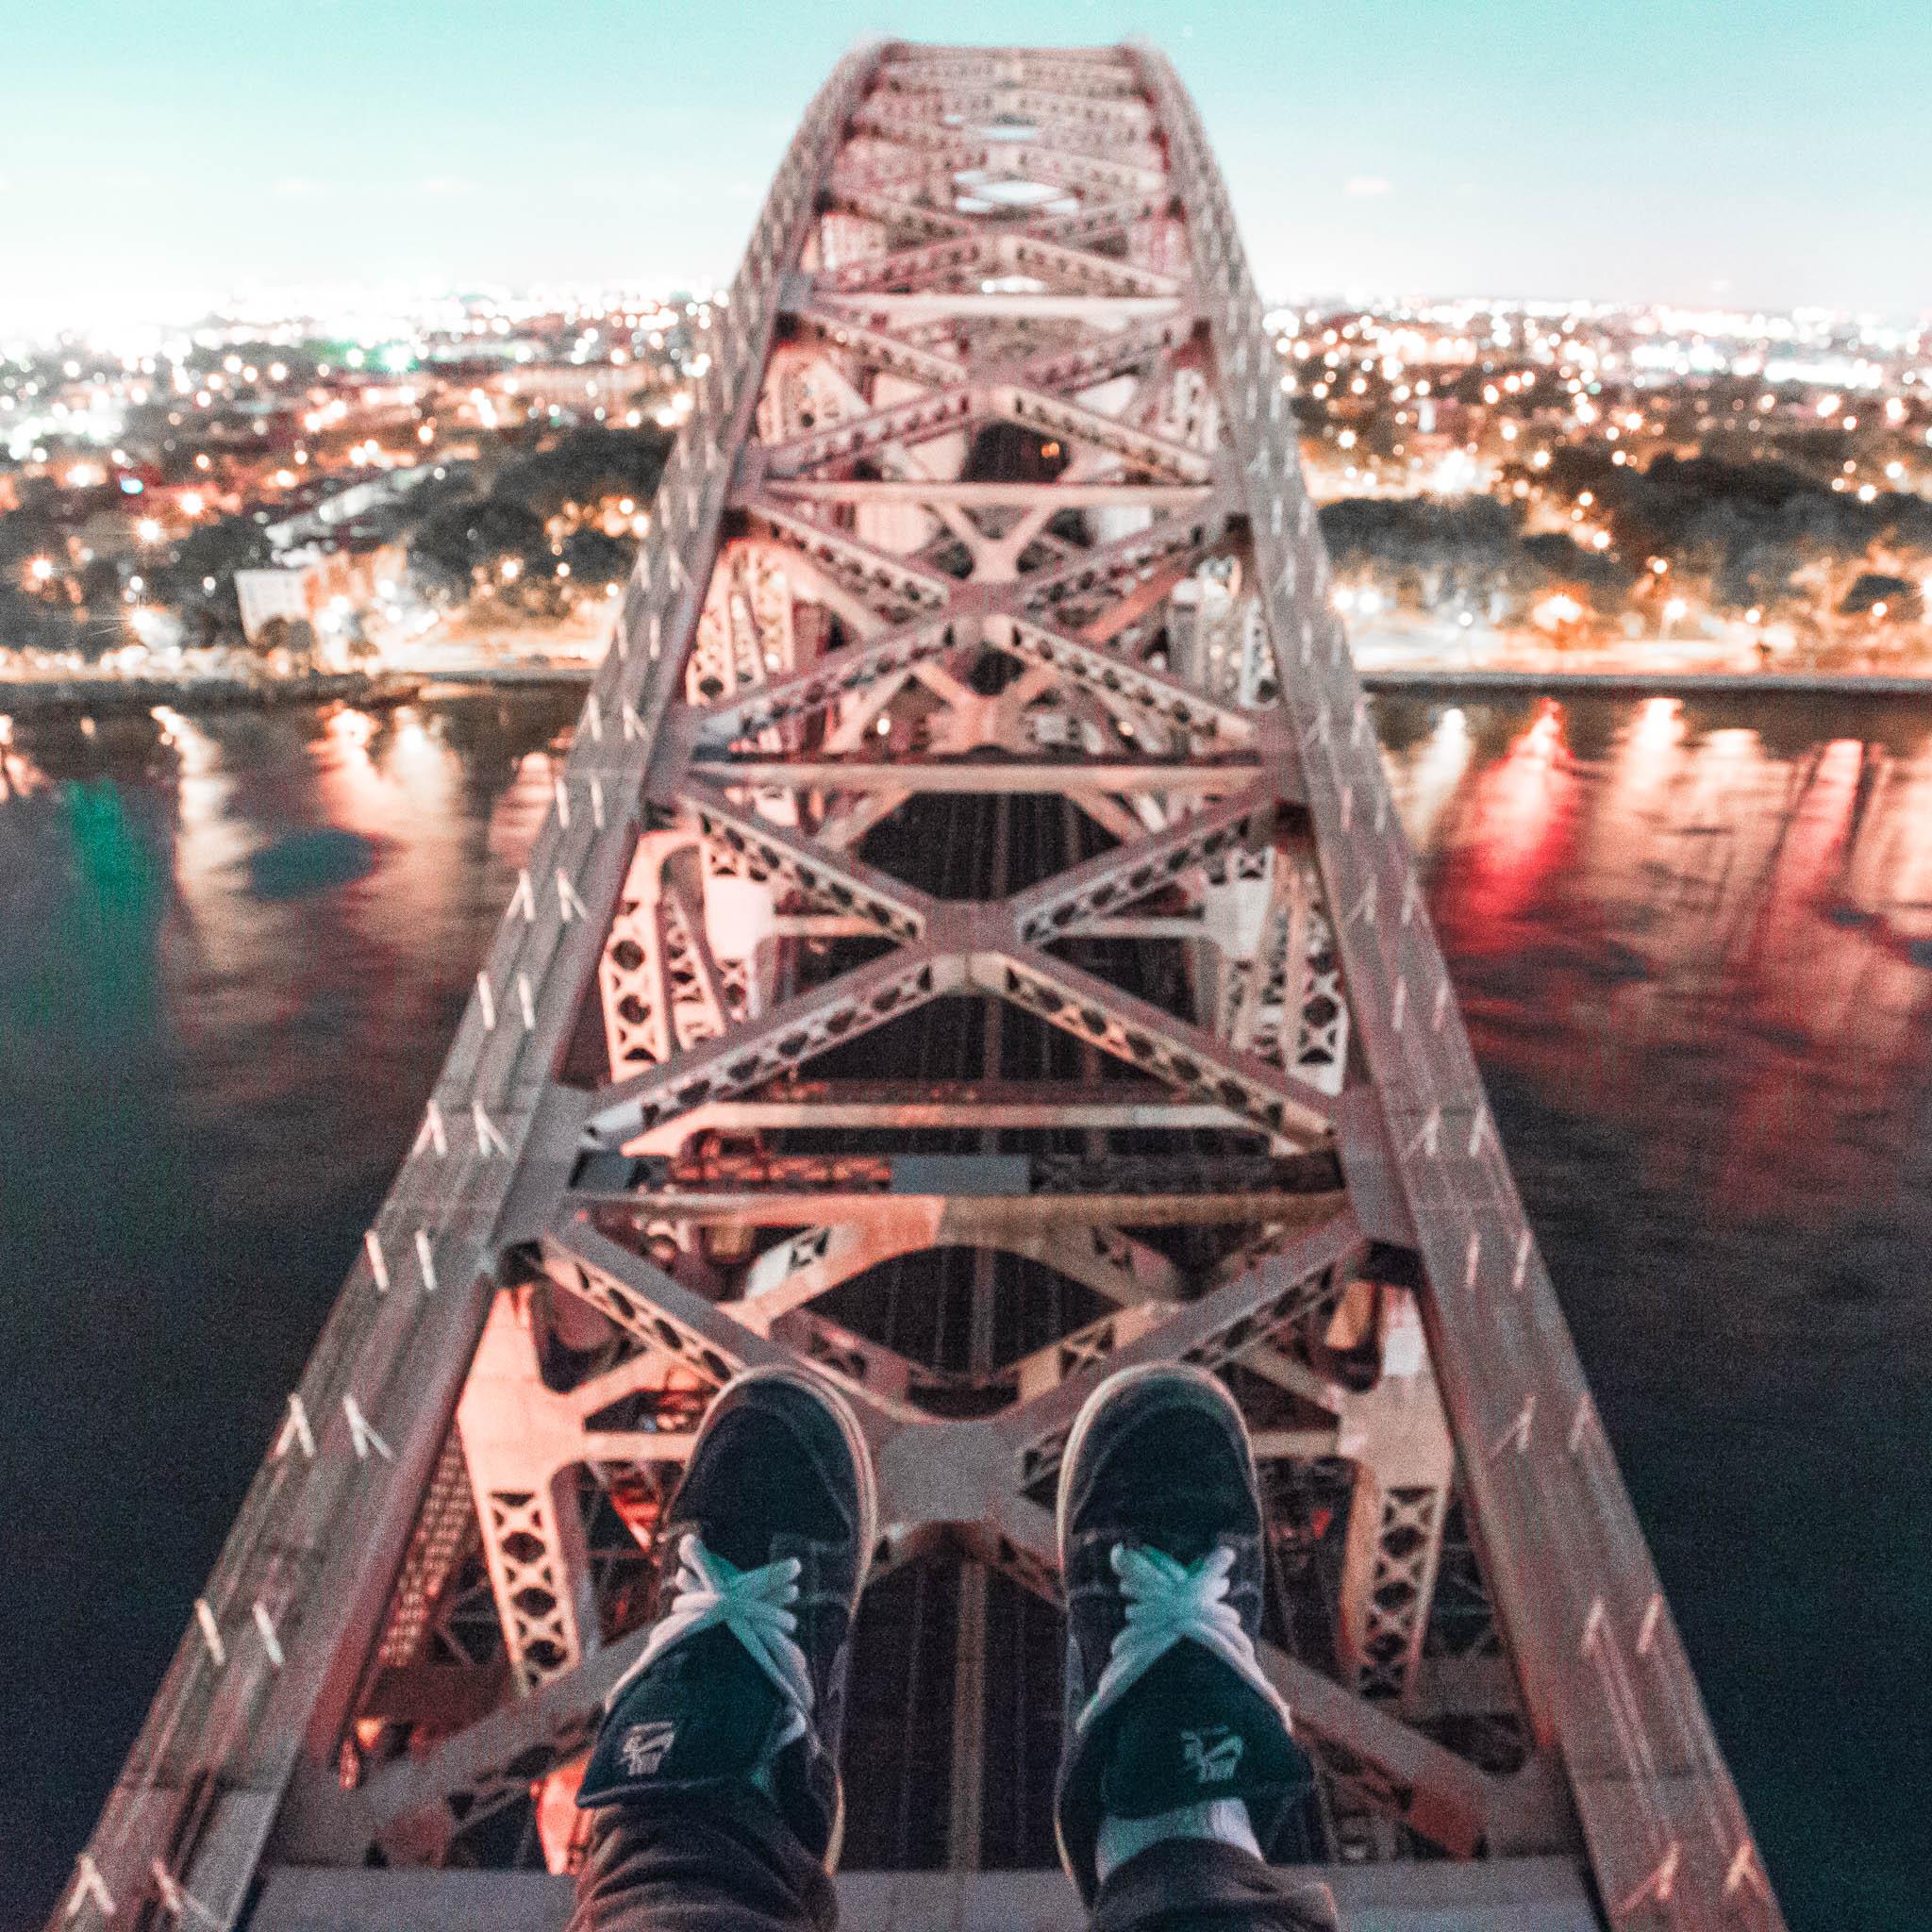 Hellsgate Bridge - Queens, NYC